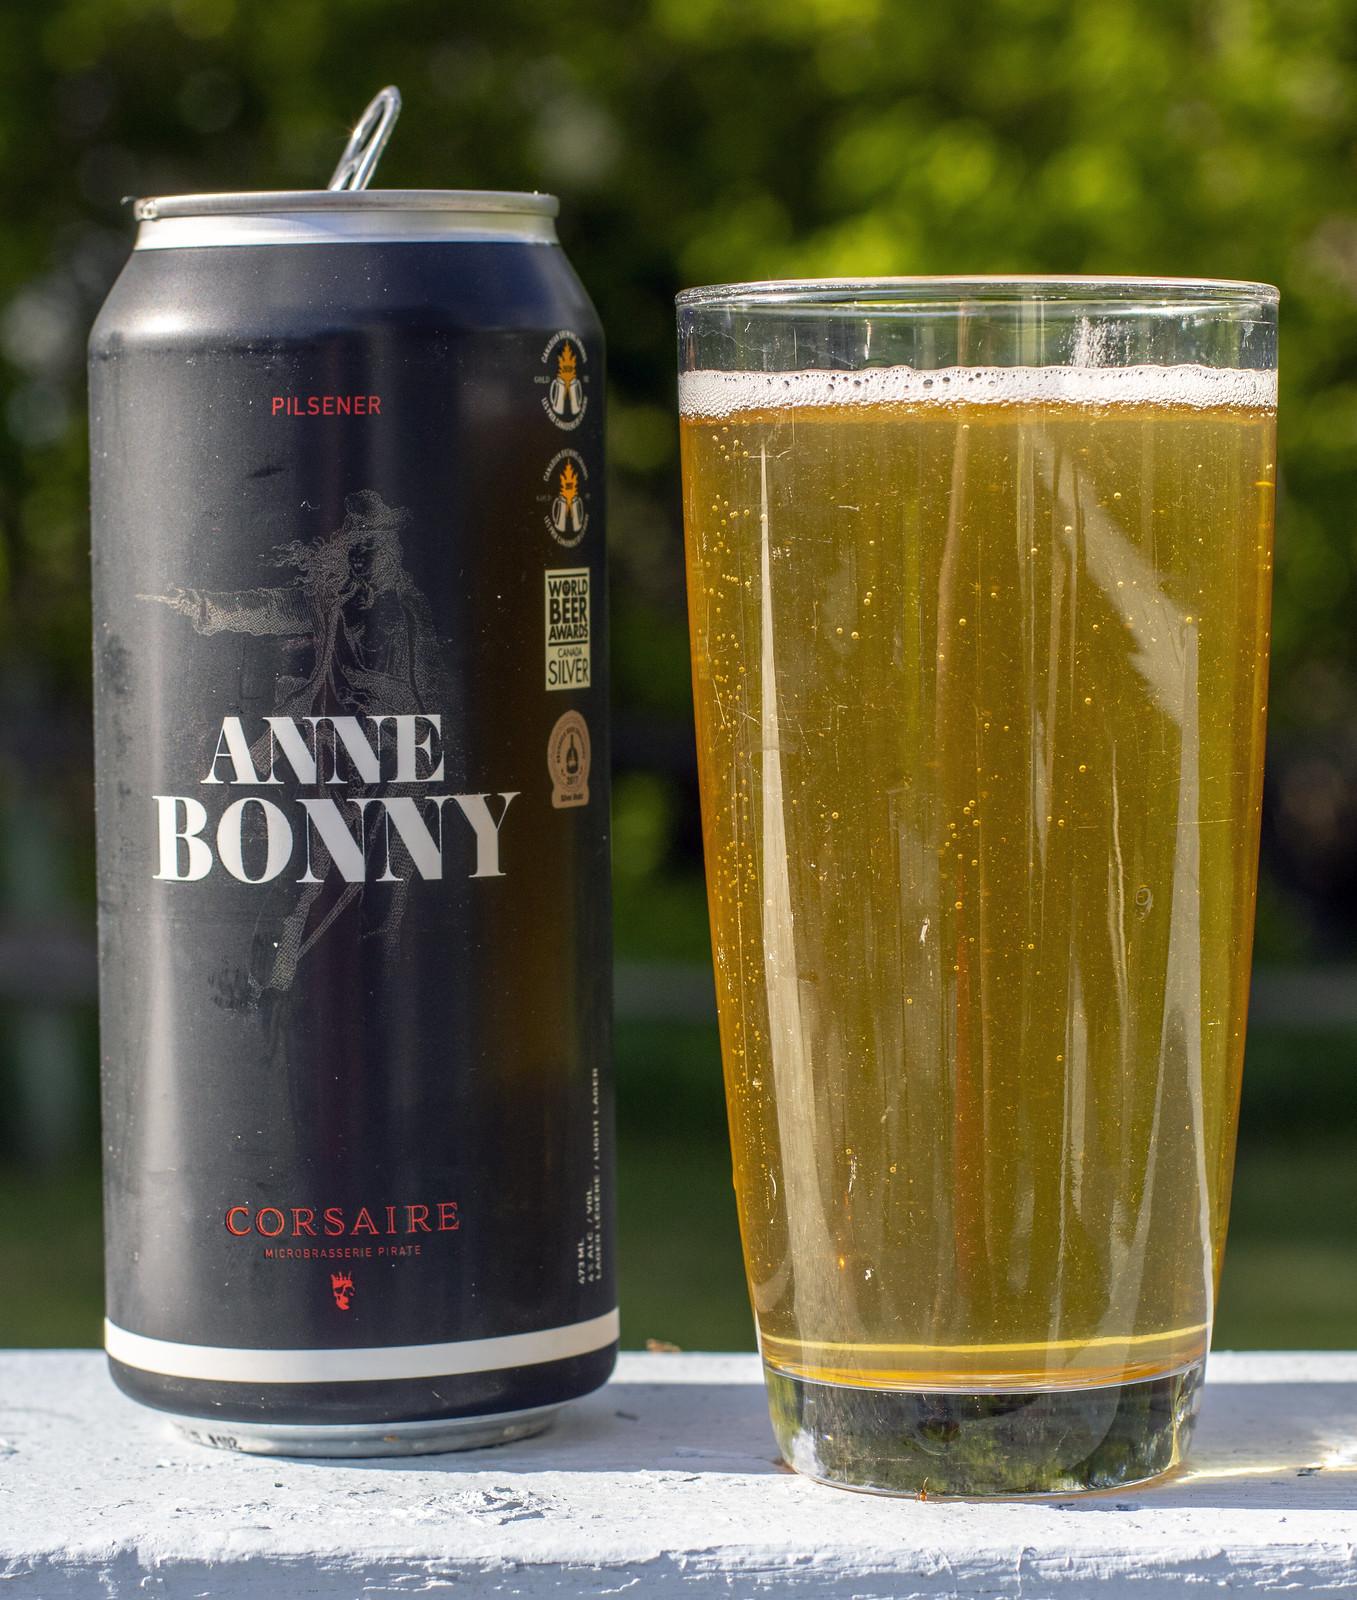 Le Corsaire Anne Bonny